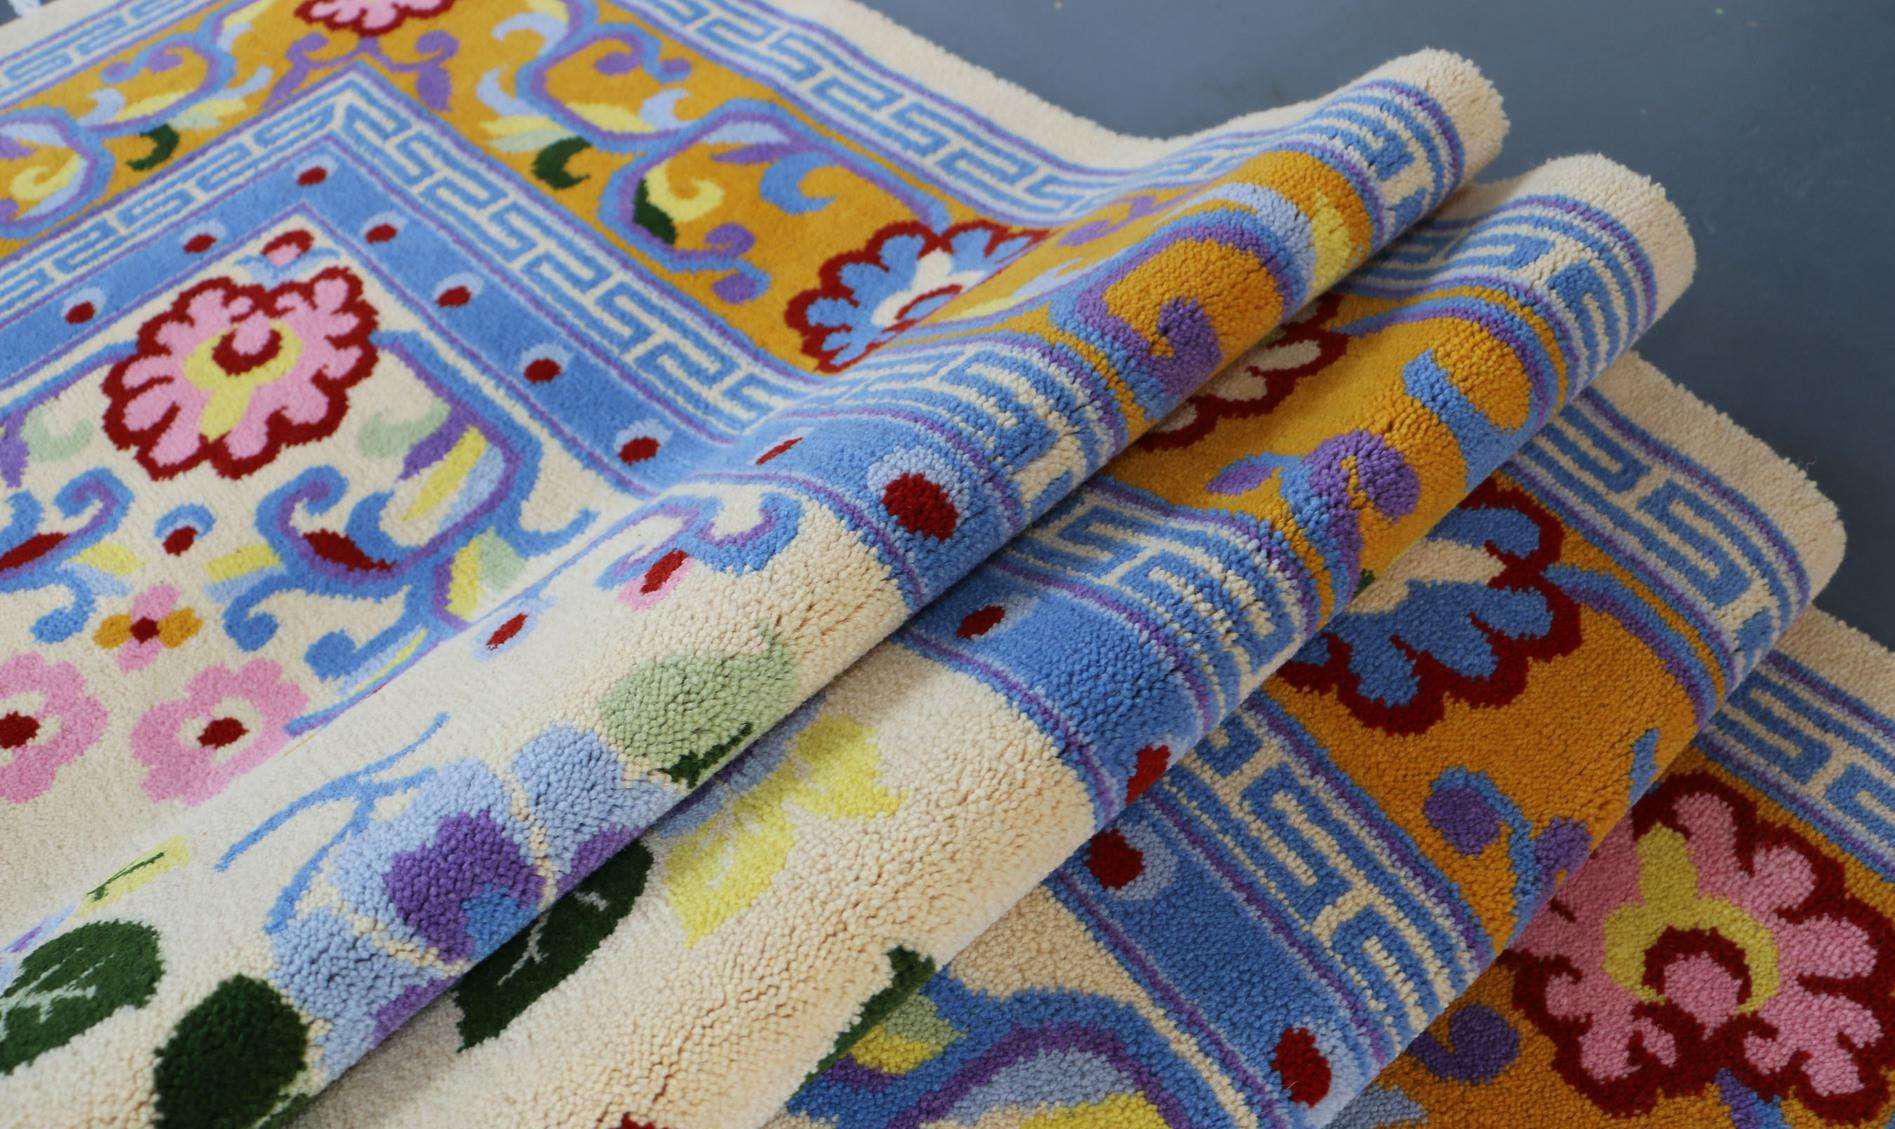 青海藏毯國際展覽會將于6月舉辦